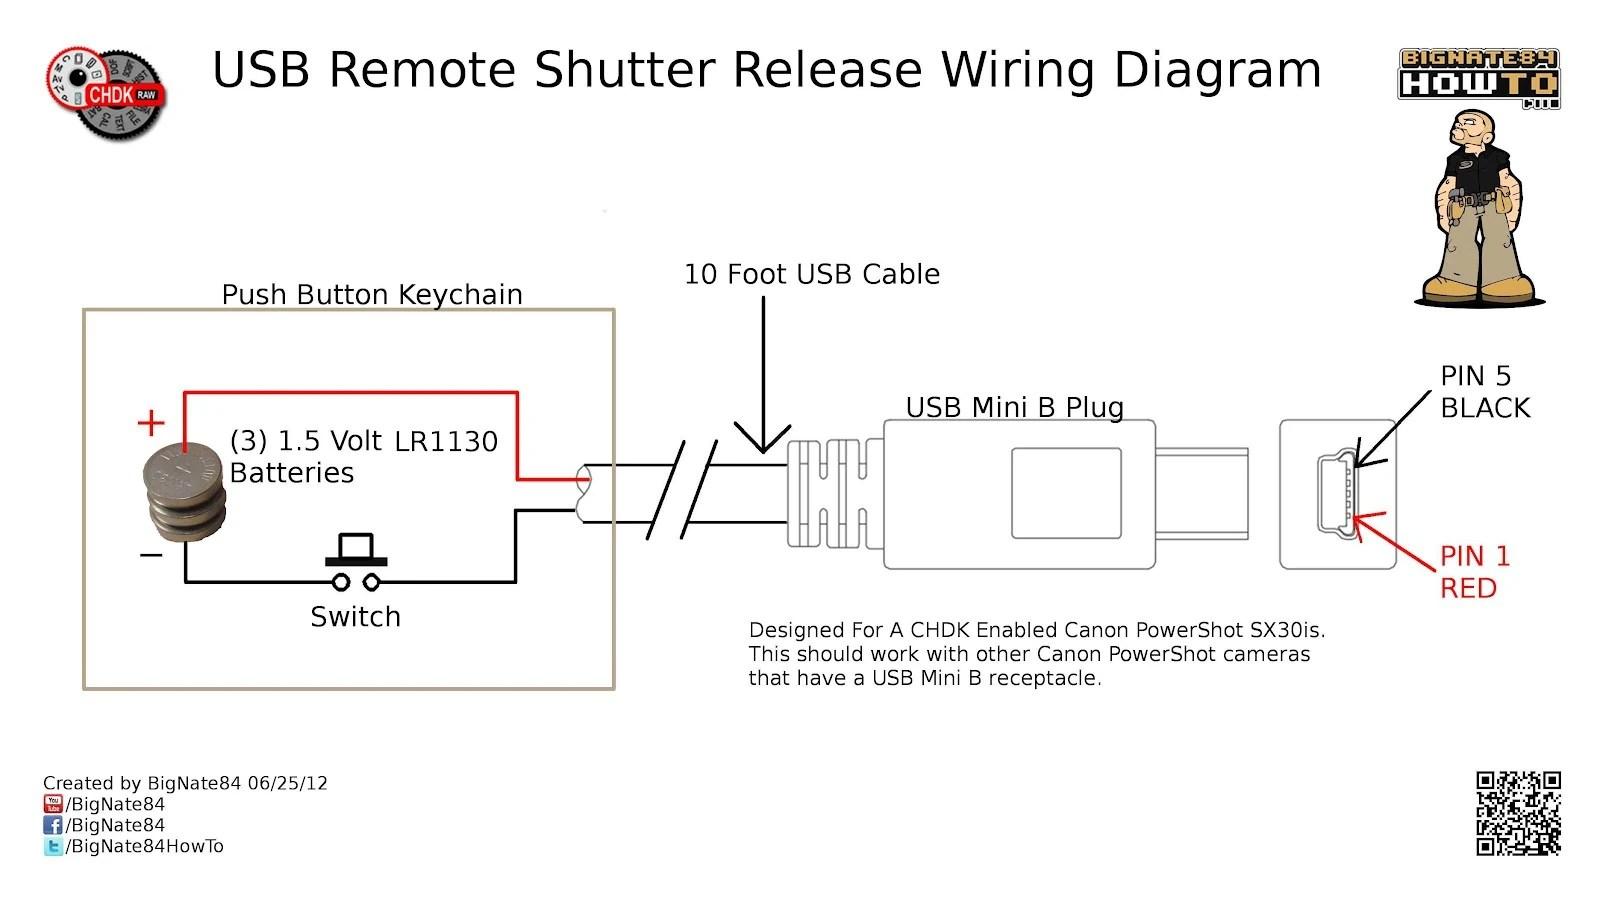 usb computer diagram wiring diagram imp computer usb wire diagram usb computer diagram [ 1600 x 899 Pixel ]